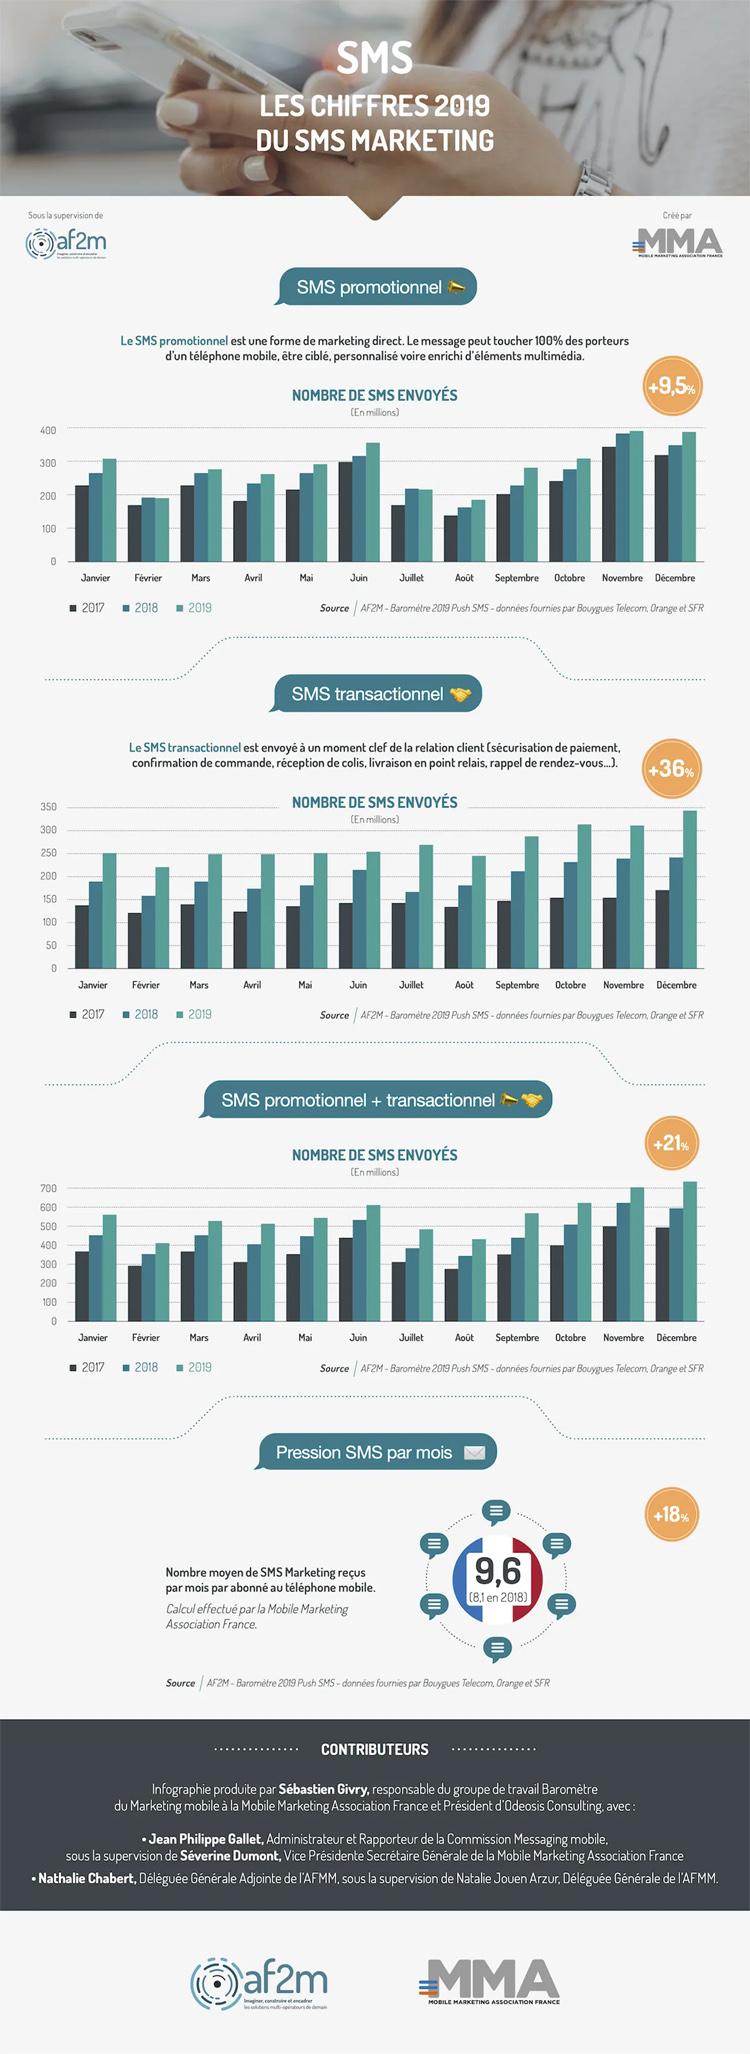 Le SMS Marketing est en hausse de 21% en 2019